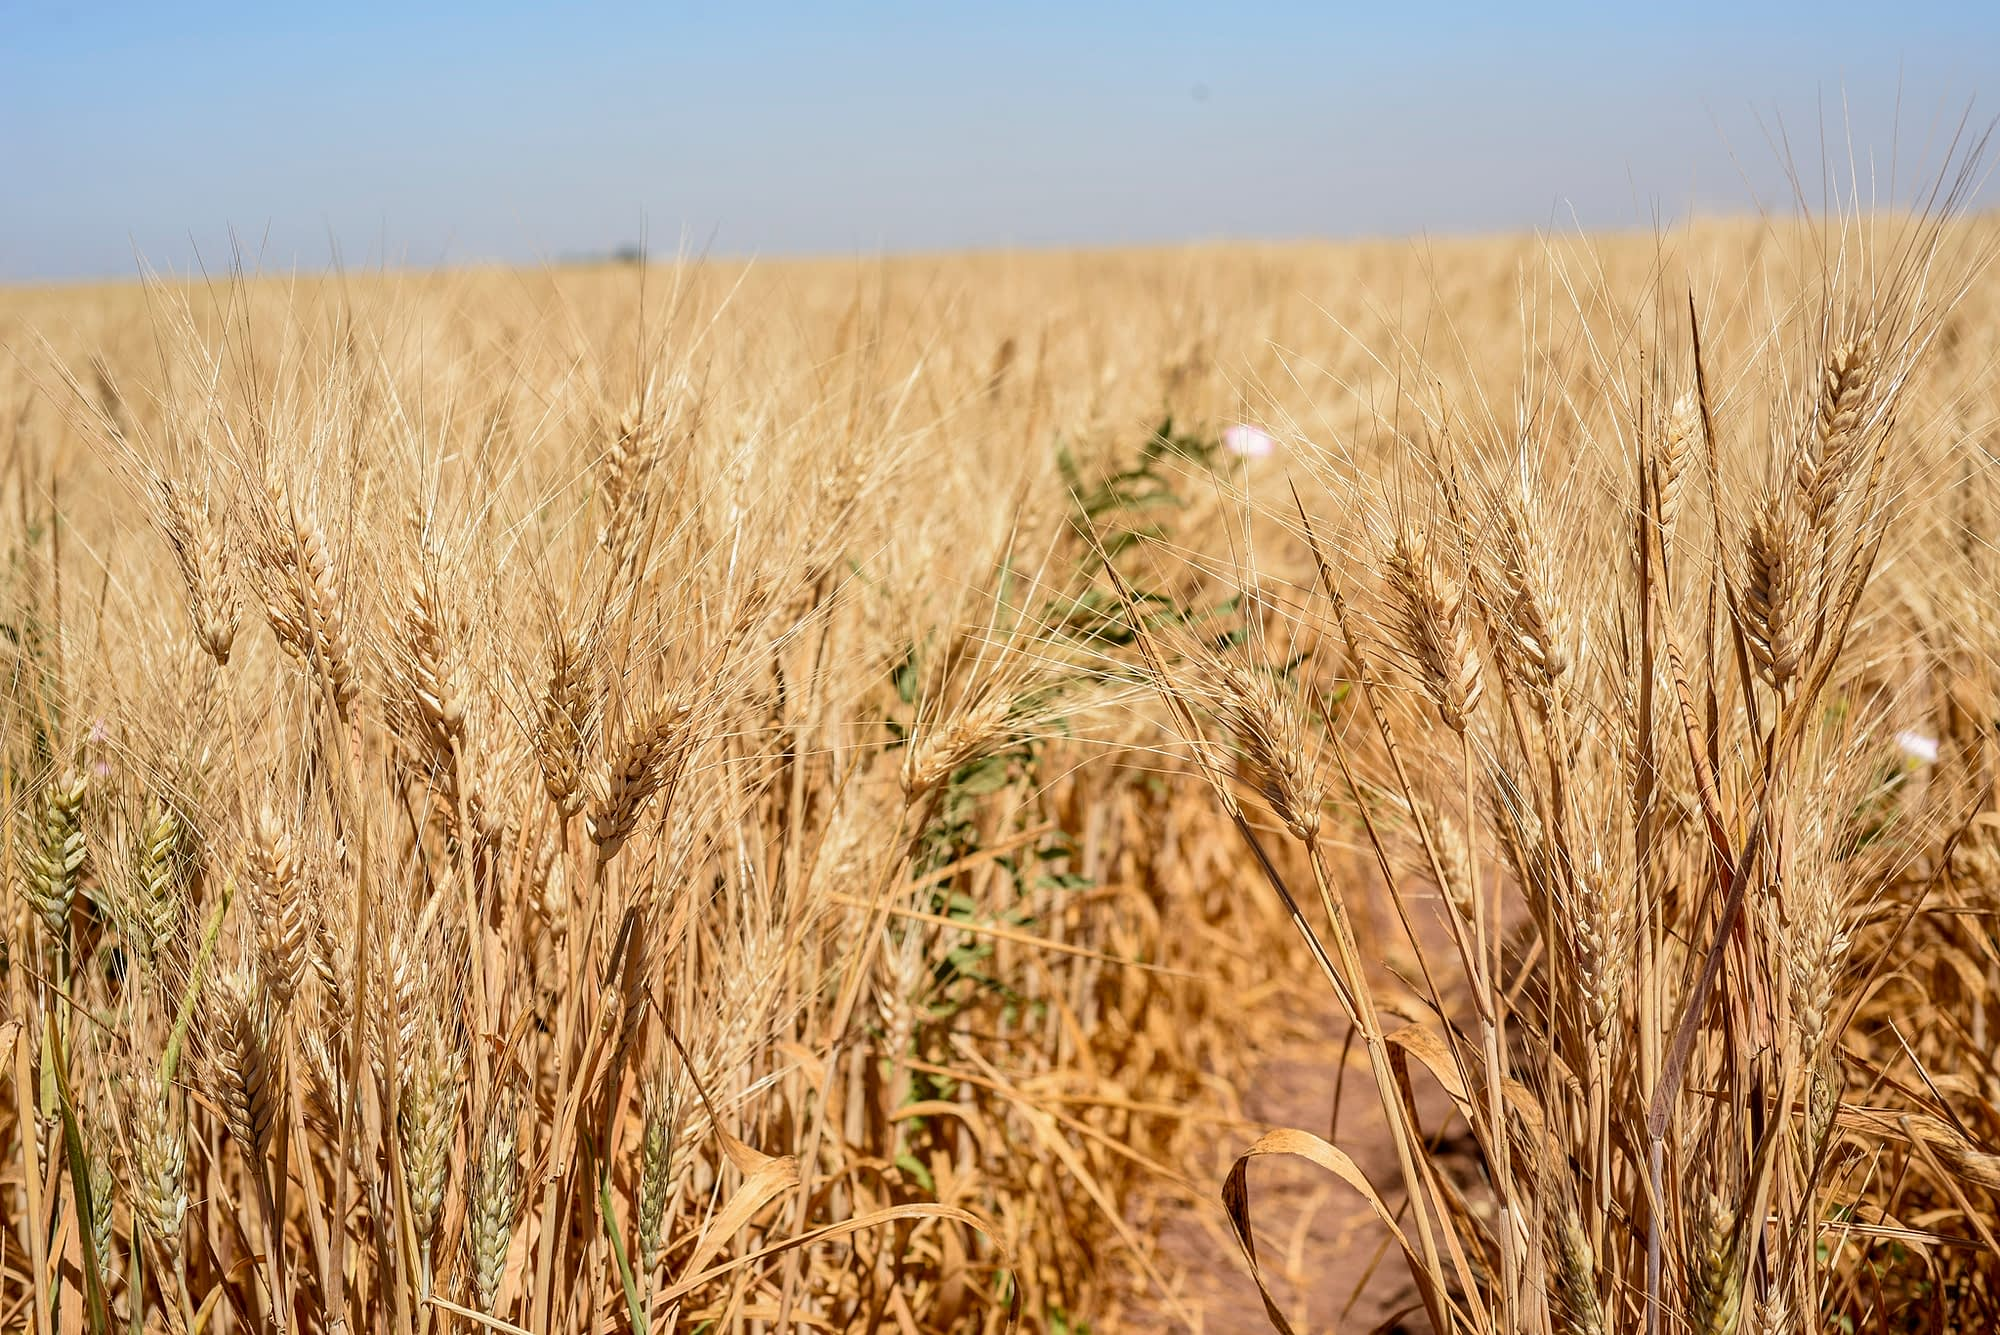 Durum wheat drought tolerance trials in Ciudad Obregon, Mexico, 2017. (Photo: Alfonso Cortés/CIMMYT)